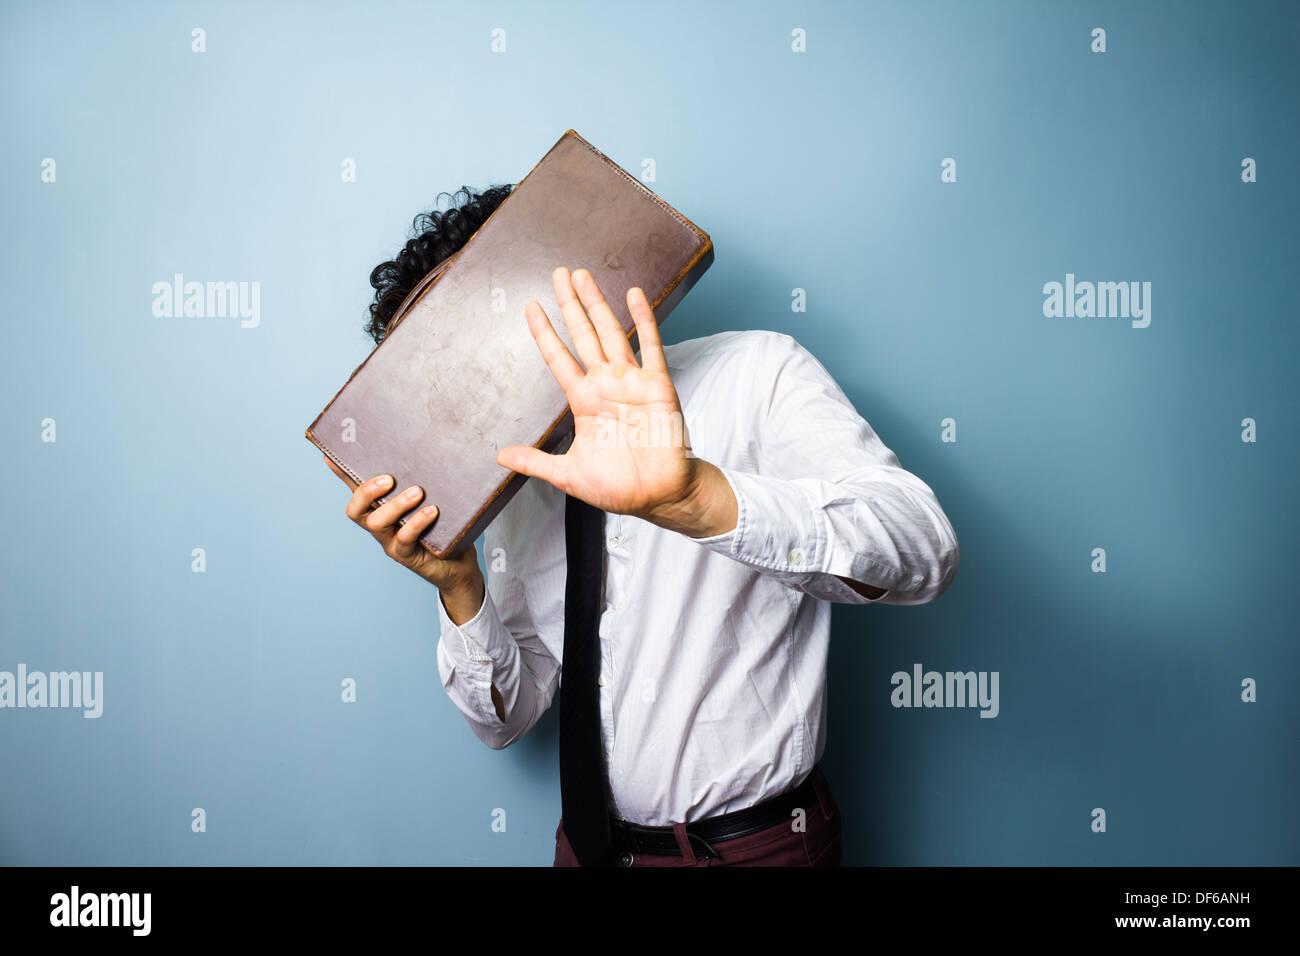 Joven no quiere que su foto tomada y se esconde su rostro detrás de un maletín. Imagen De Stock